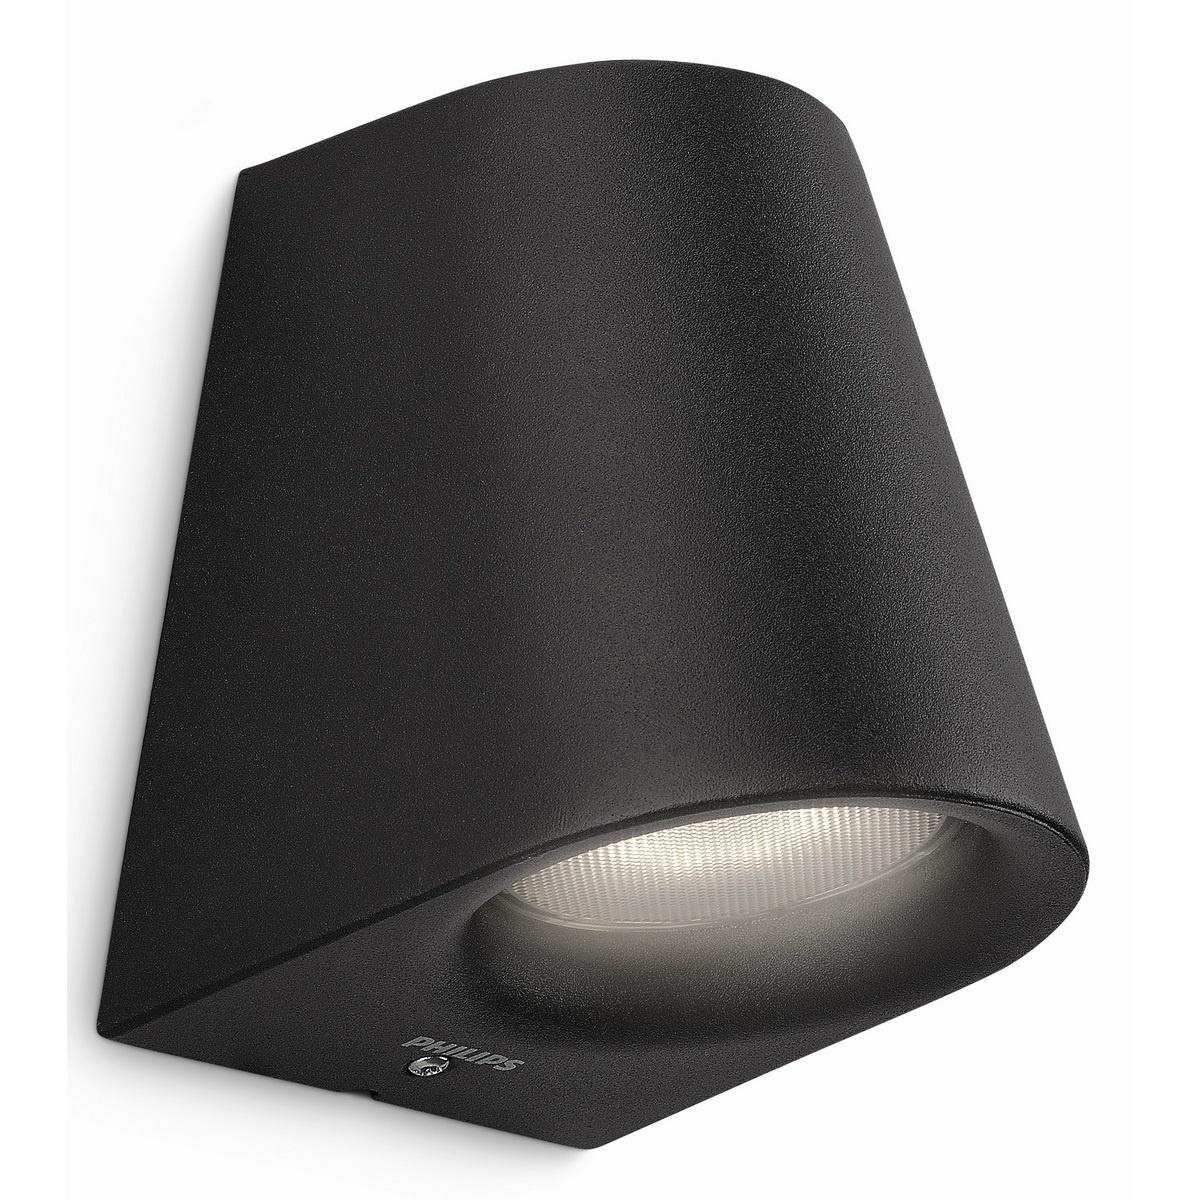 Philips 17287/30/16 Virga Vonkajšie nástenné LED svietidlo 12 cm, čierna